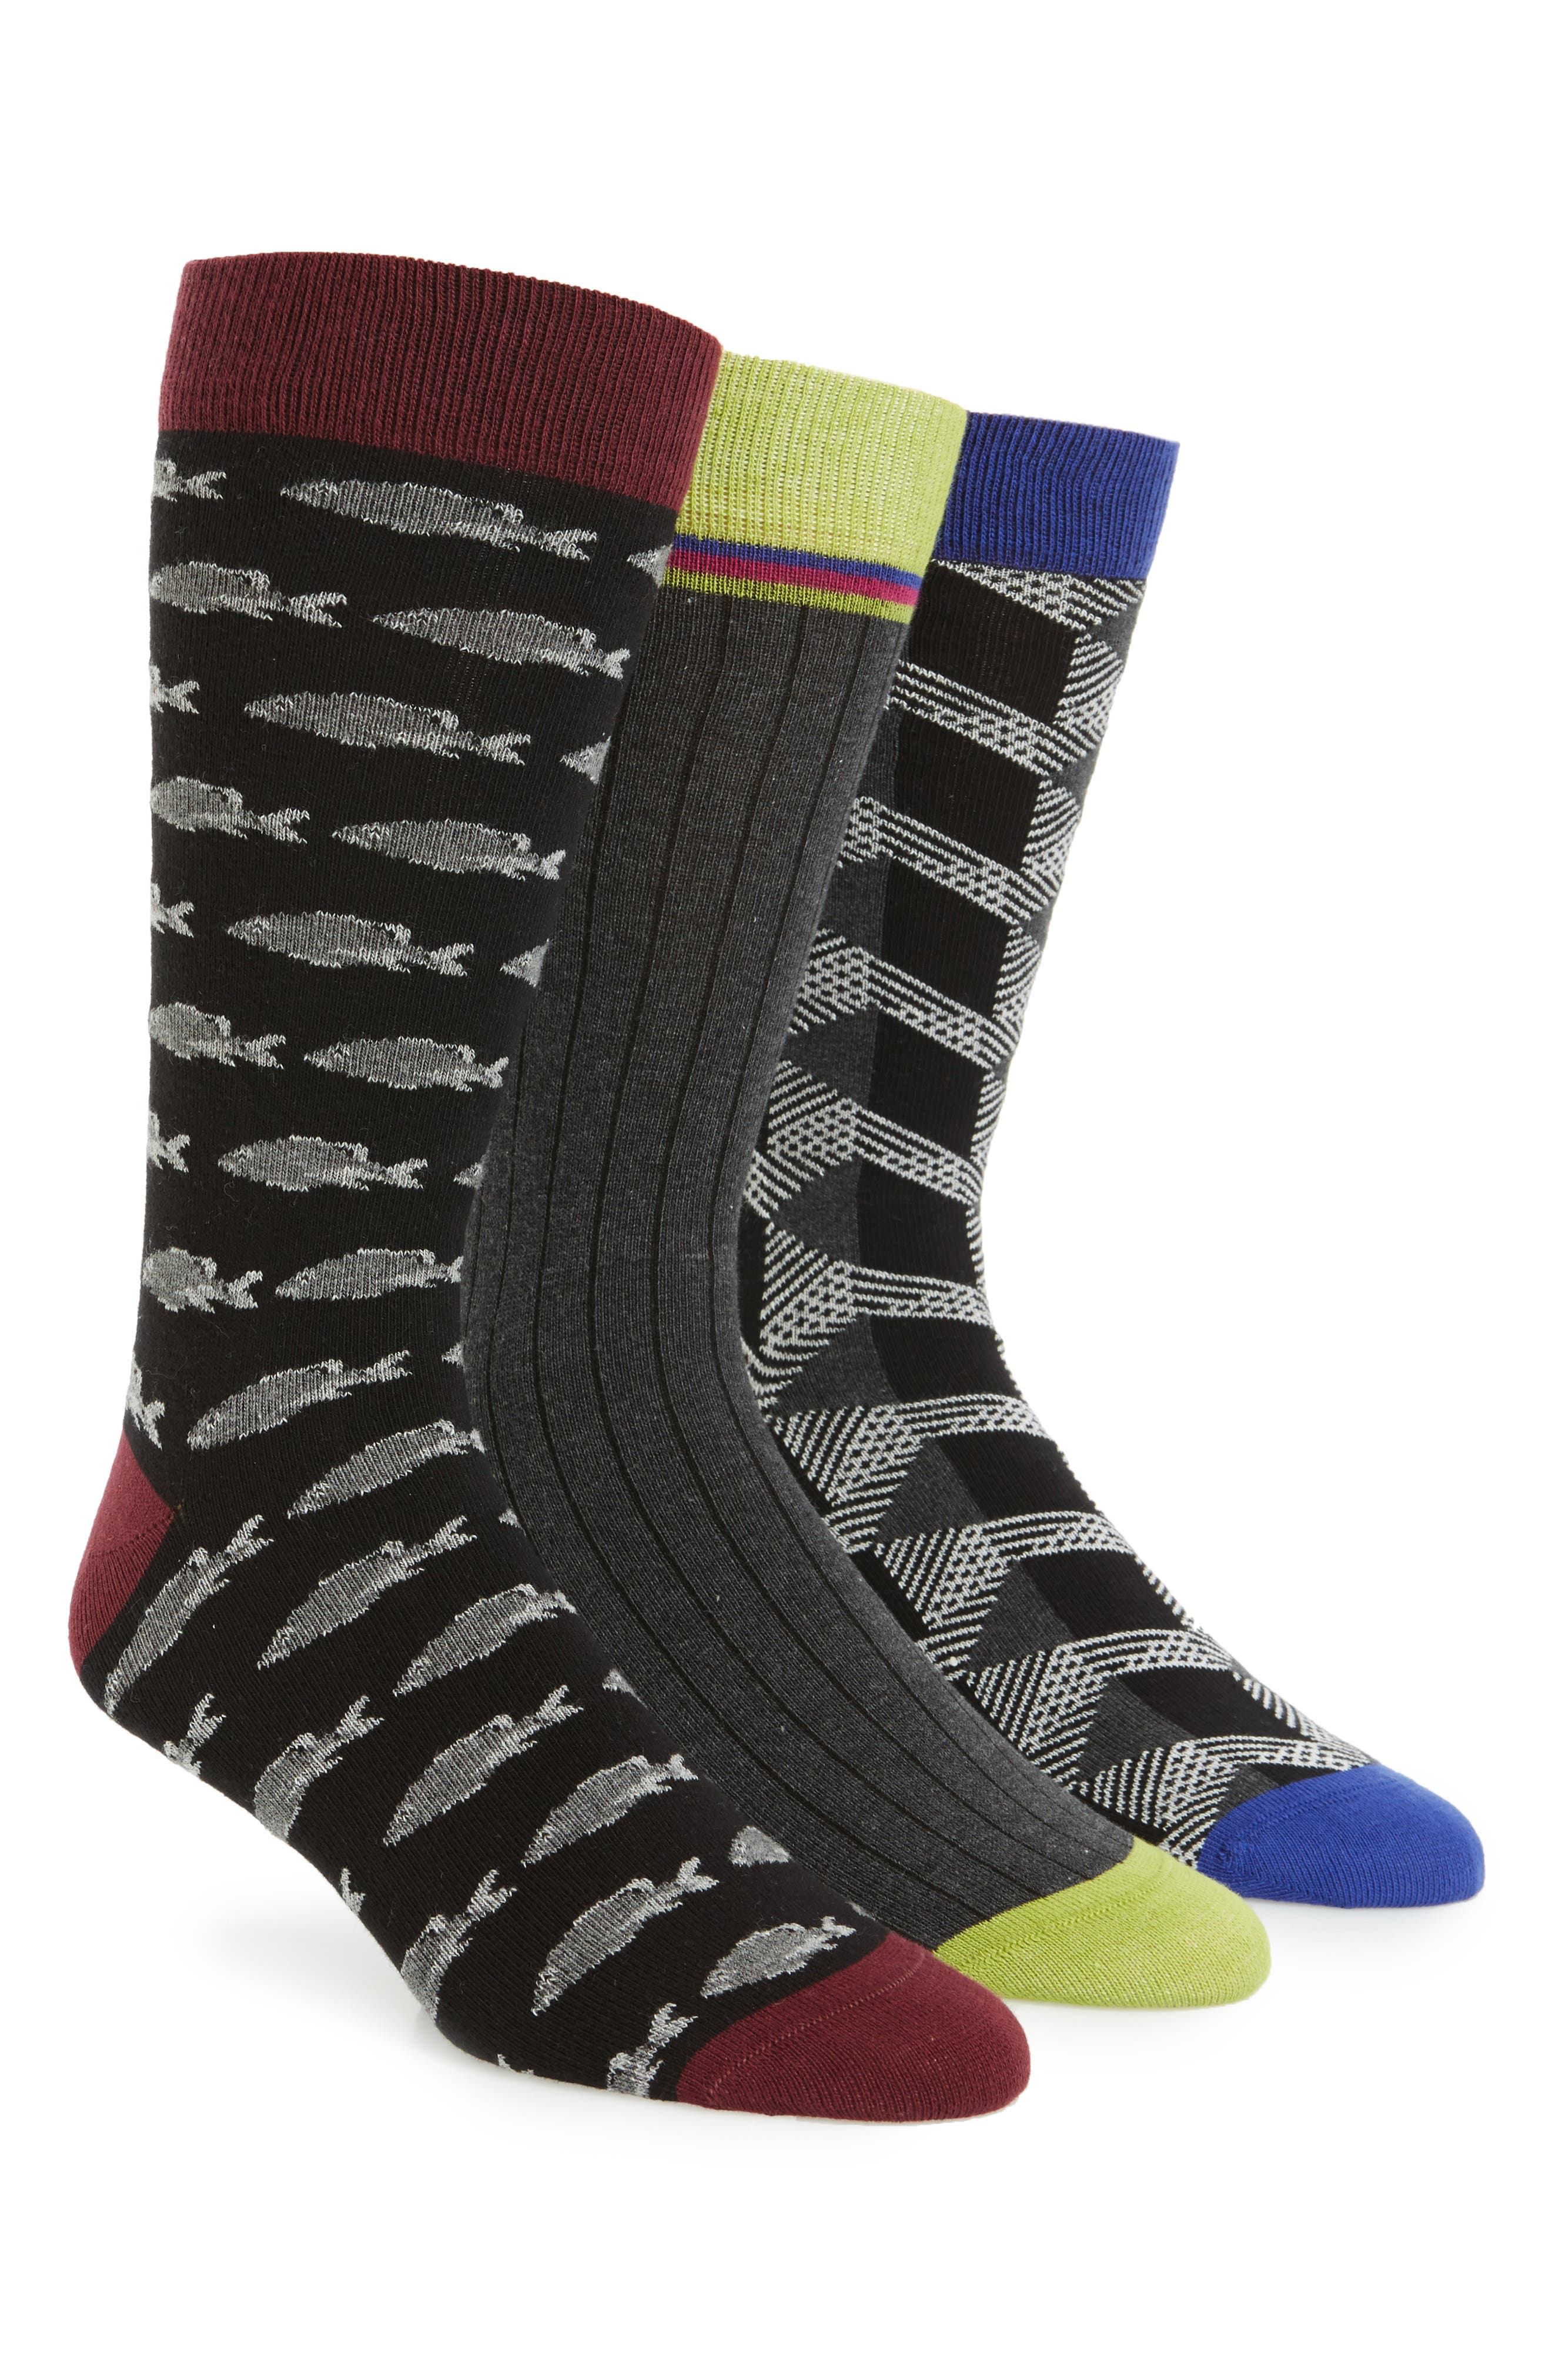 Ted Baker London Assorted 3-Pack Crew Socks